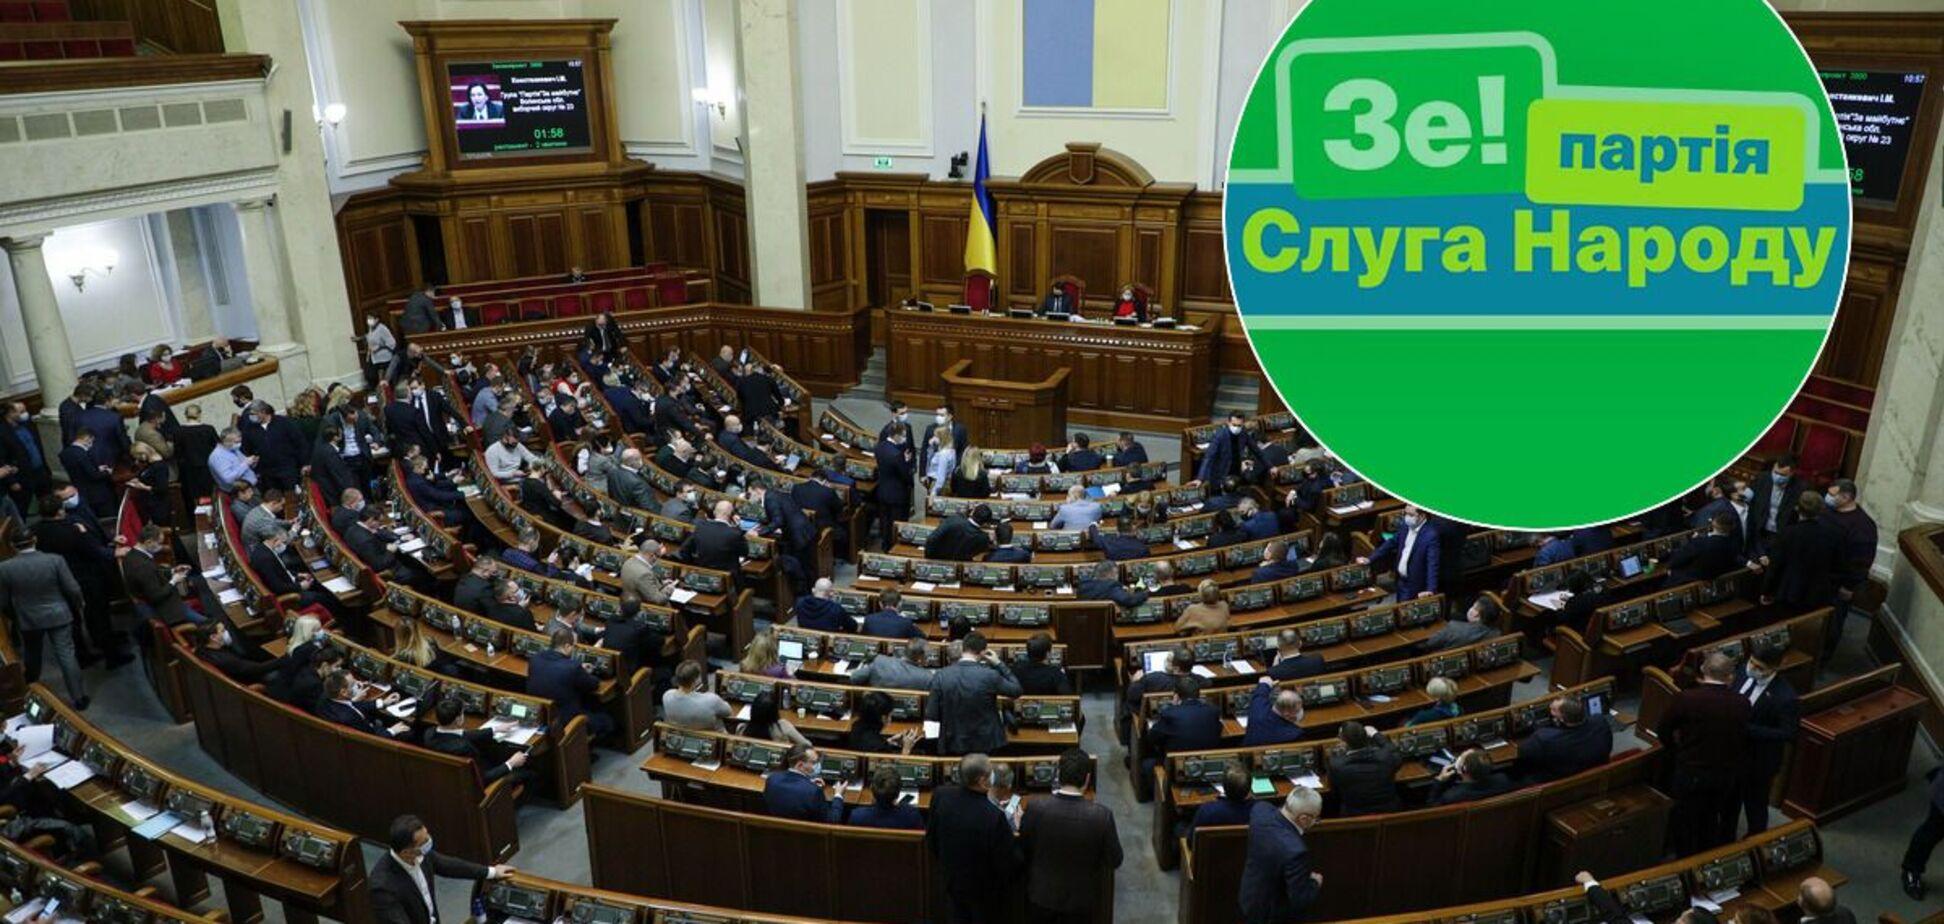 'Слуга народу' опустилася на 4 місце в рейтингу партій – соцопитування